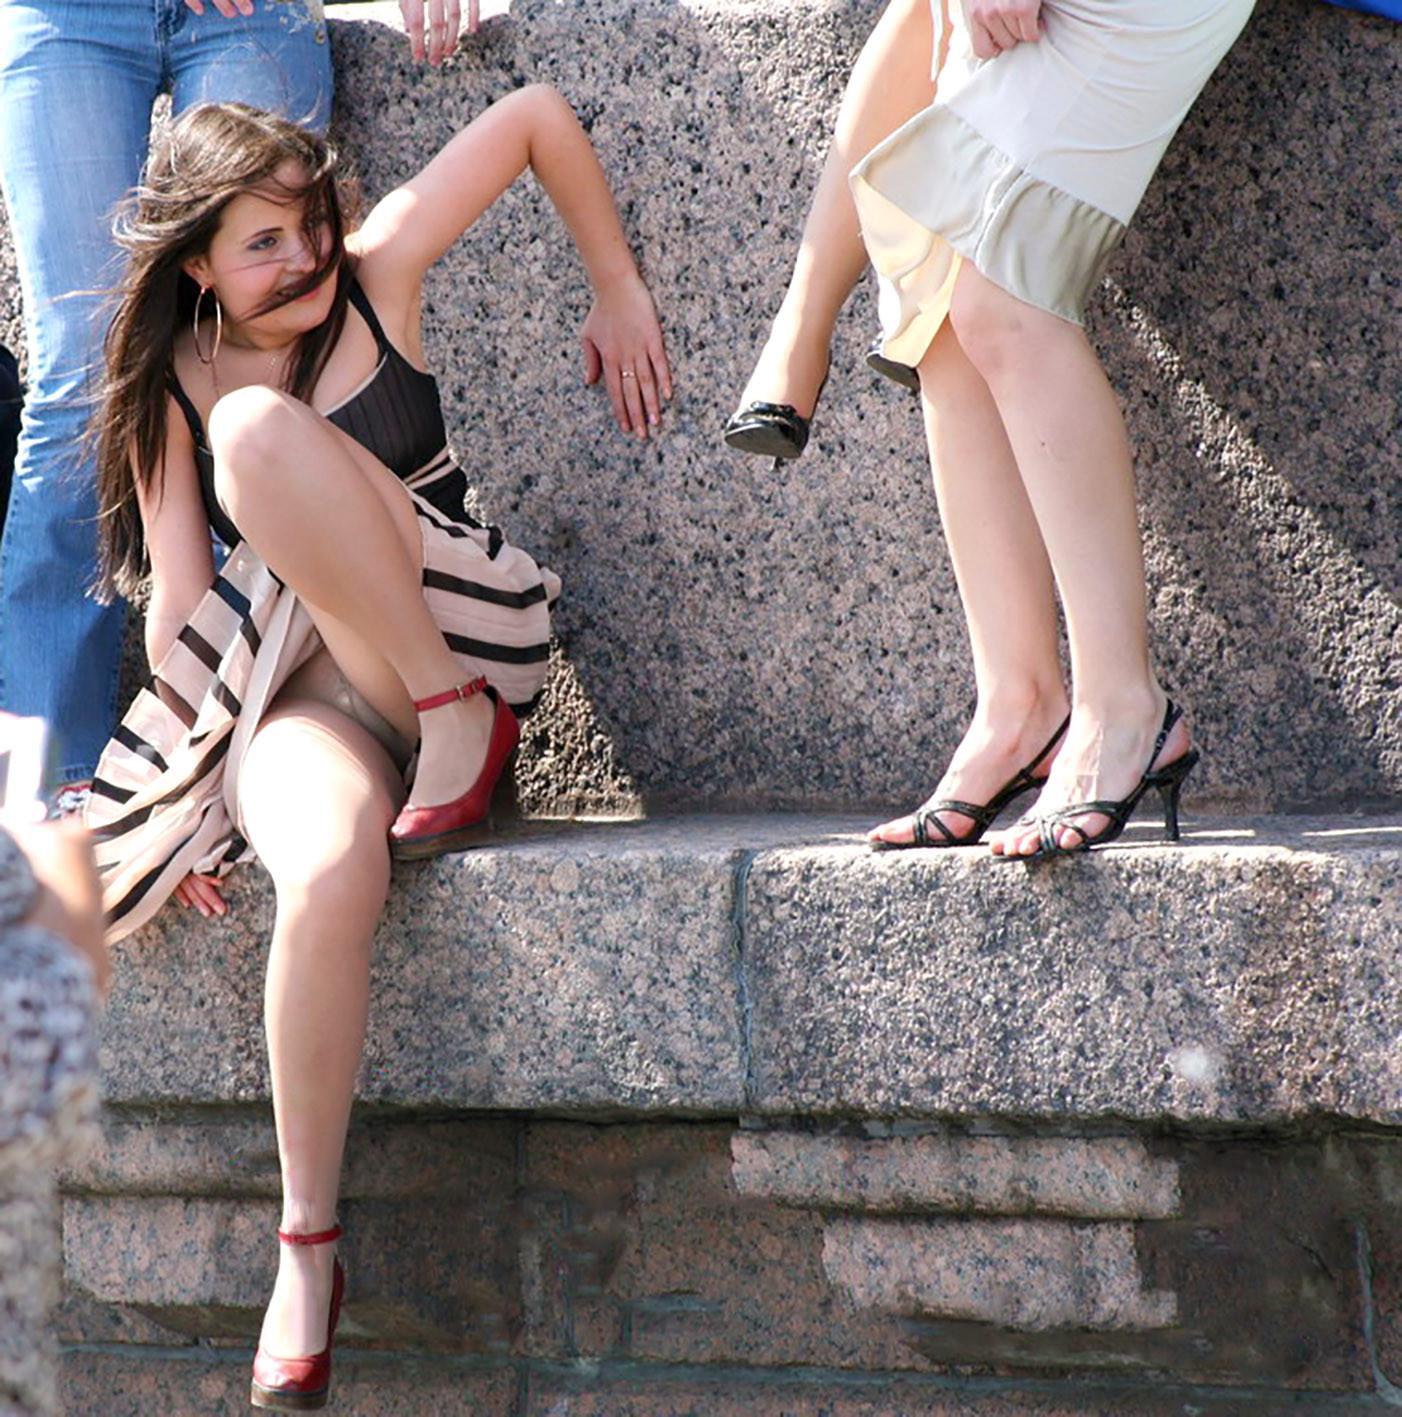 ラッキースケベw町で見かけた外国人がスカート捲れてパンティー丸出しとか草!!!!!!! 42